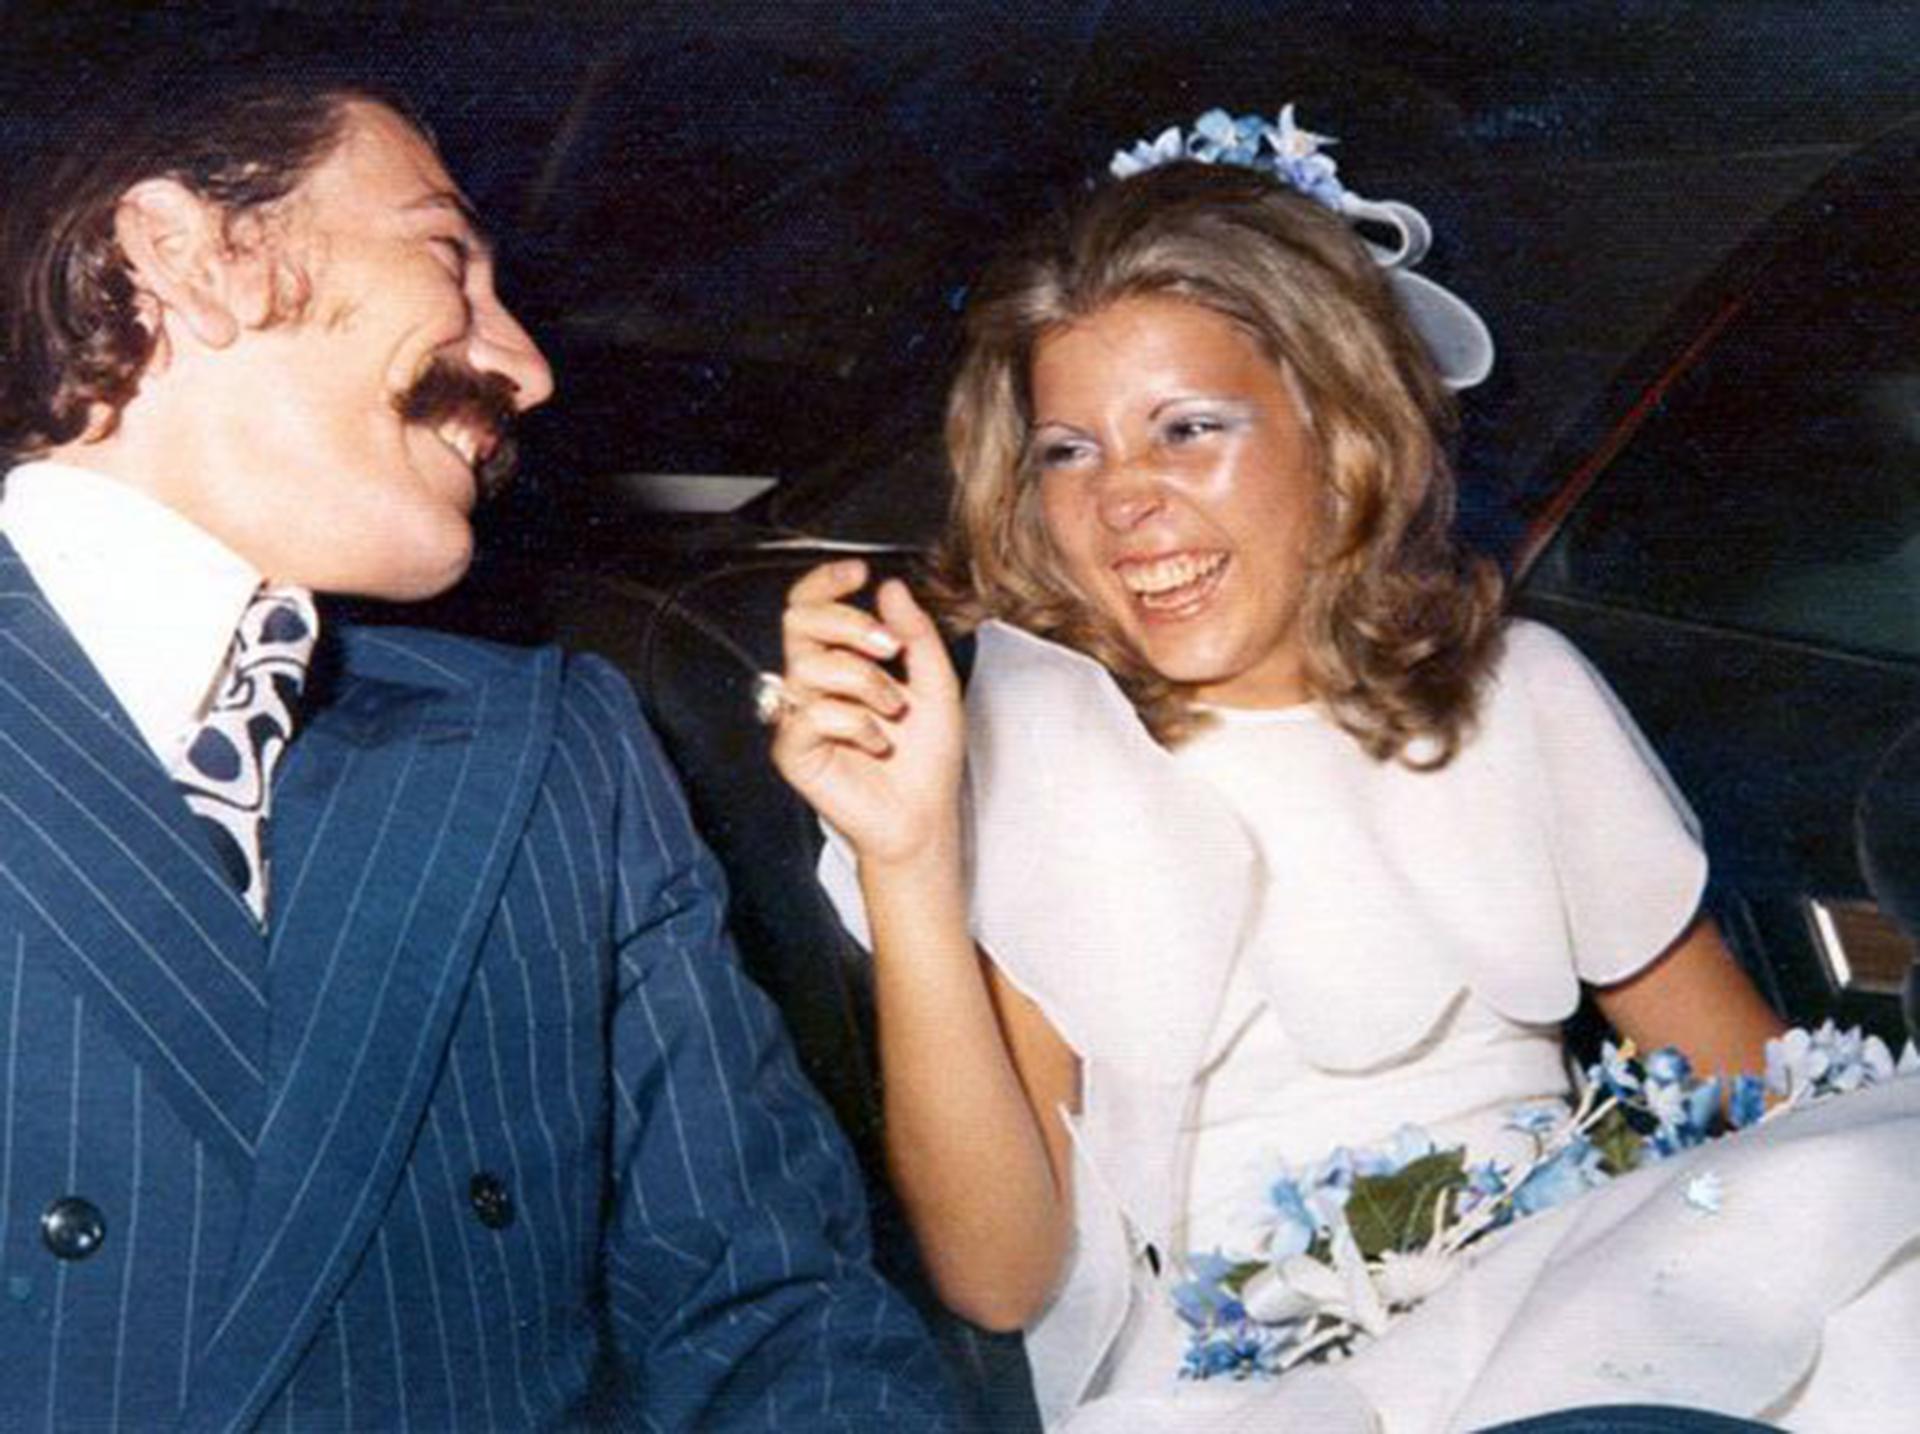 A los 17 se casó con Enrique Santos, un hombre 10 años mayor. Al año se había separado y ya tenía a su primer hijo: Enrique. Diez años después, se casó con Miguel Benítez y nacieron Ignacio y Victoria